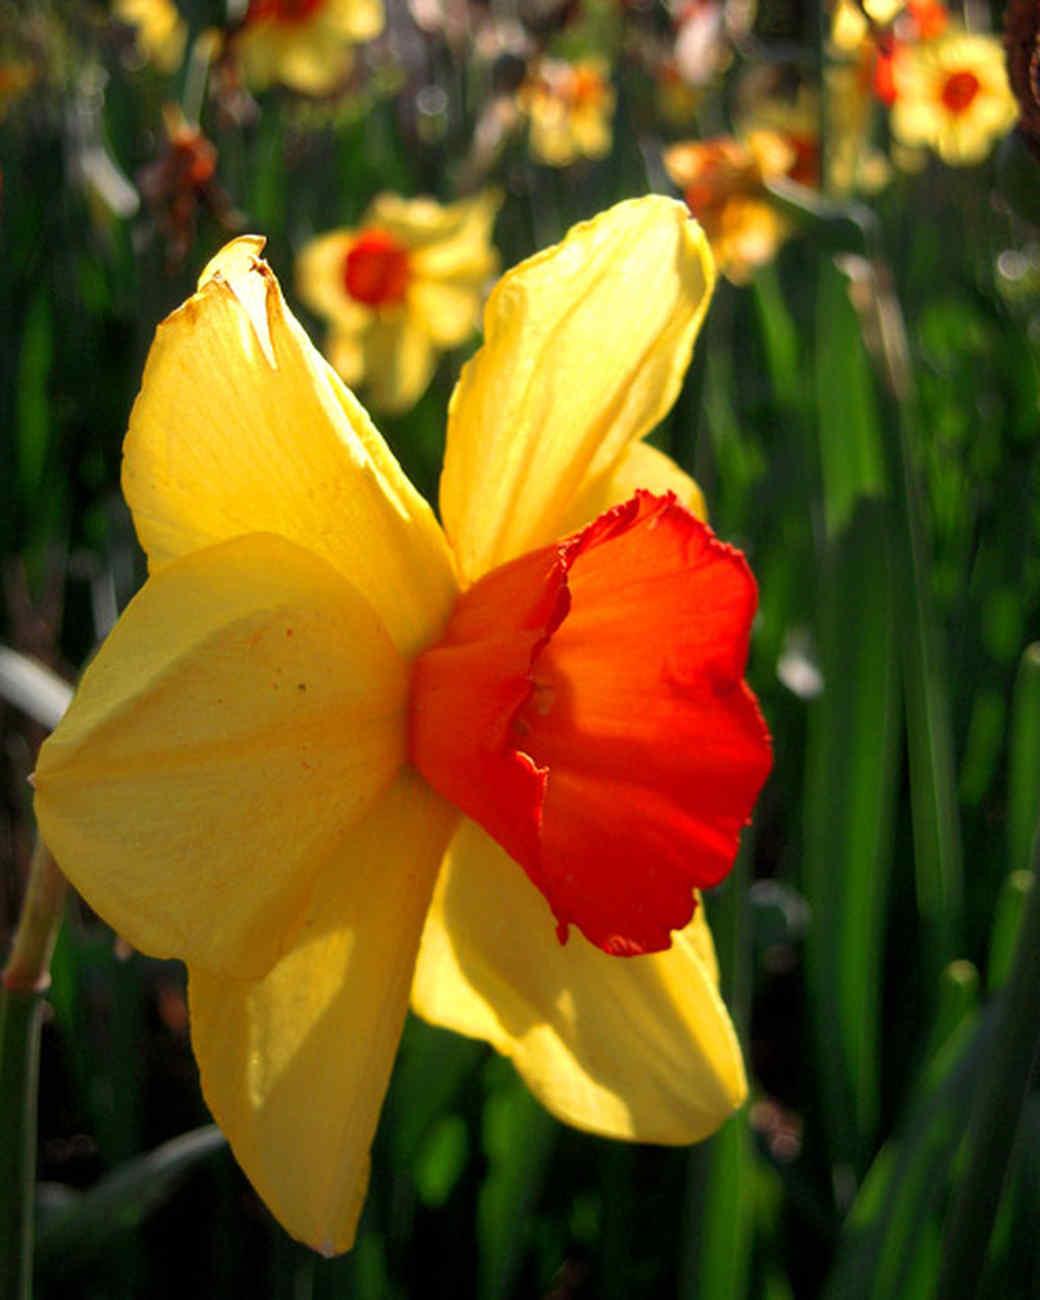 garden_contest_83819.jpg